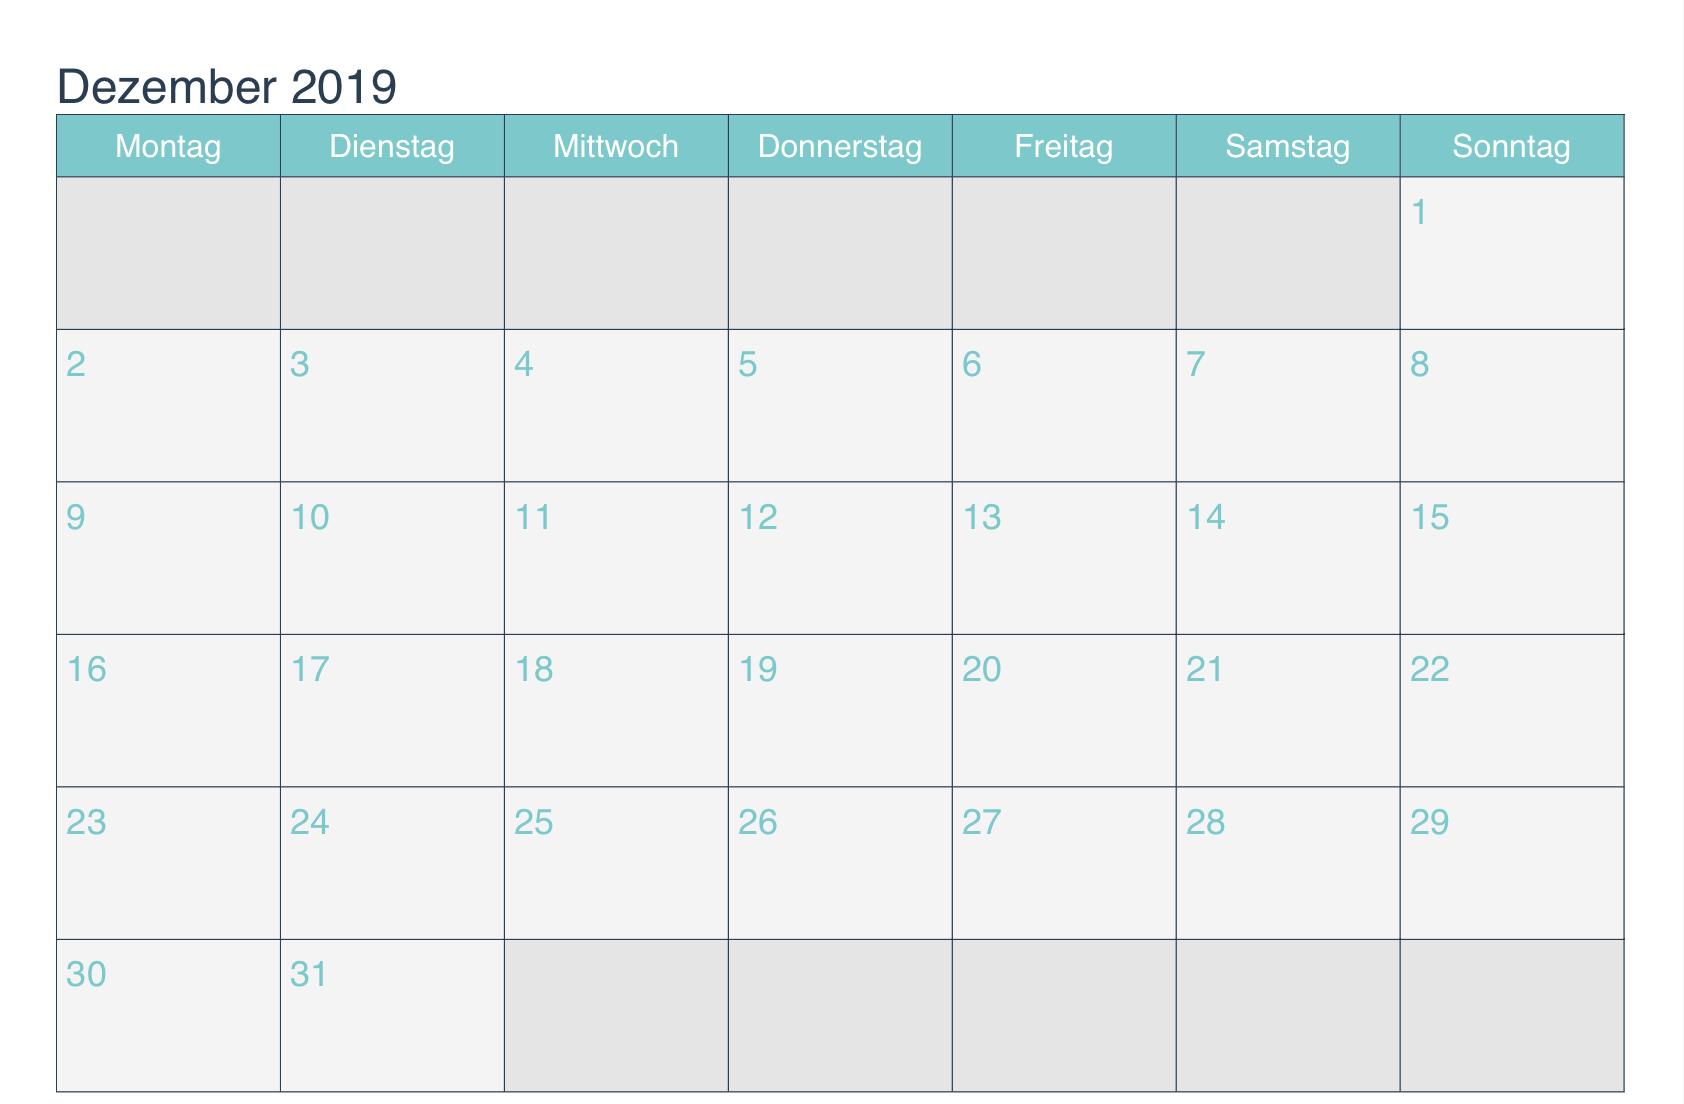 Dezember 2019 Kalender mit Notizen